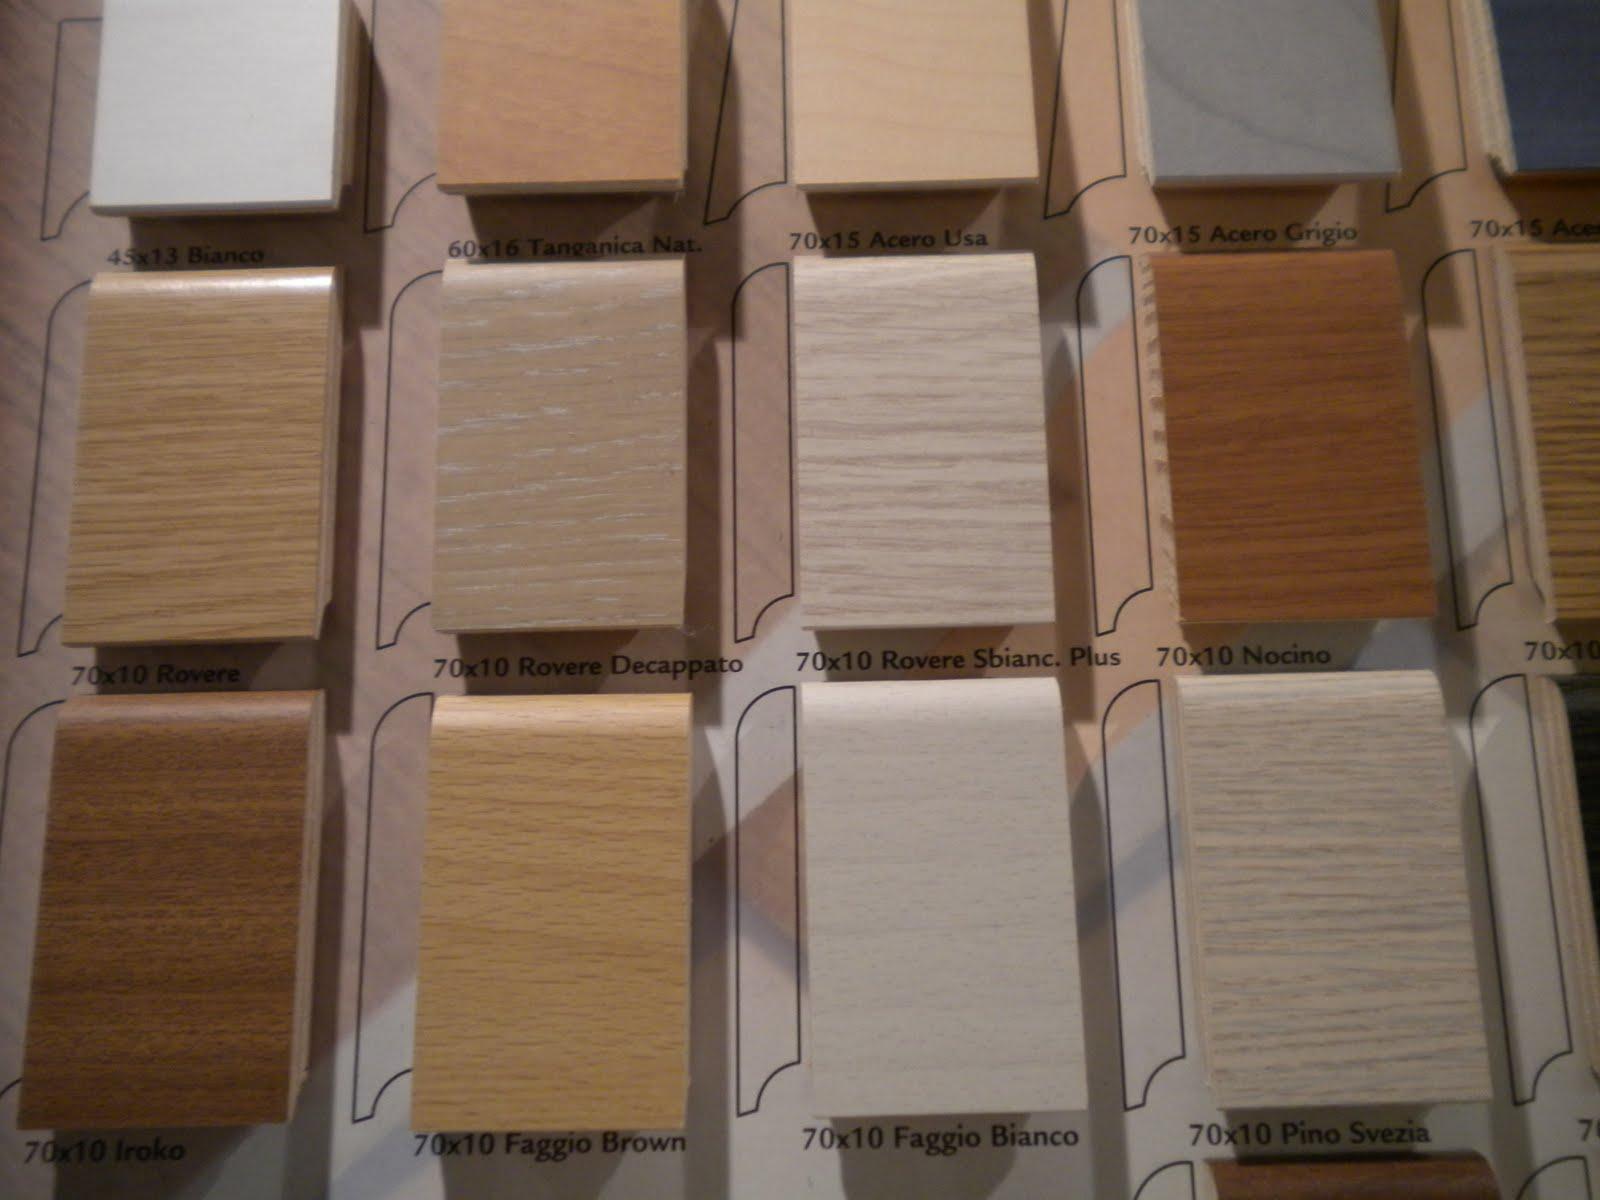 Battiscopa legno 70x10 promonwood 25 essenze all incl ebay for Parquet in pvc ikea